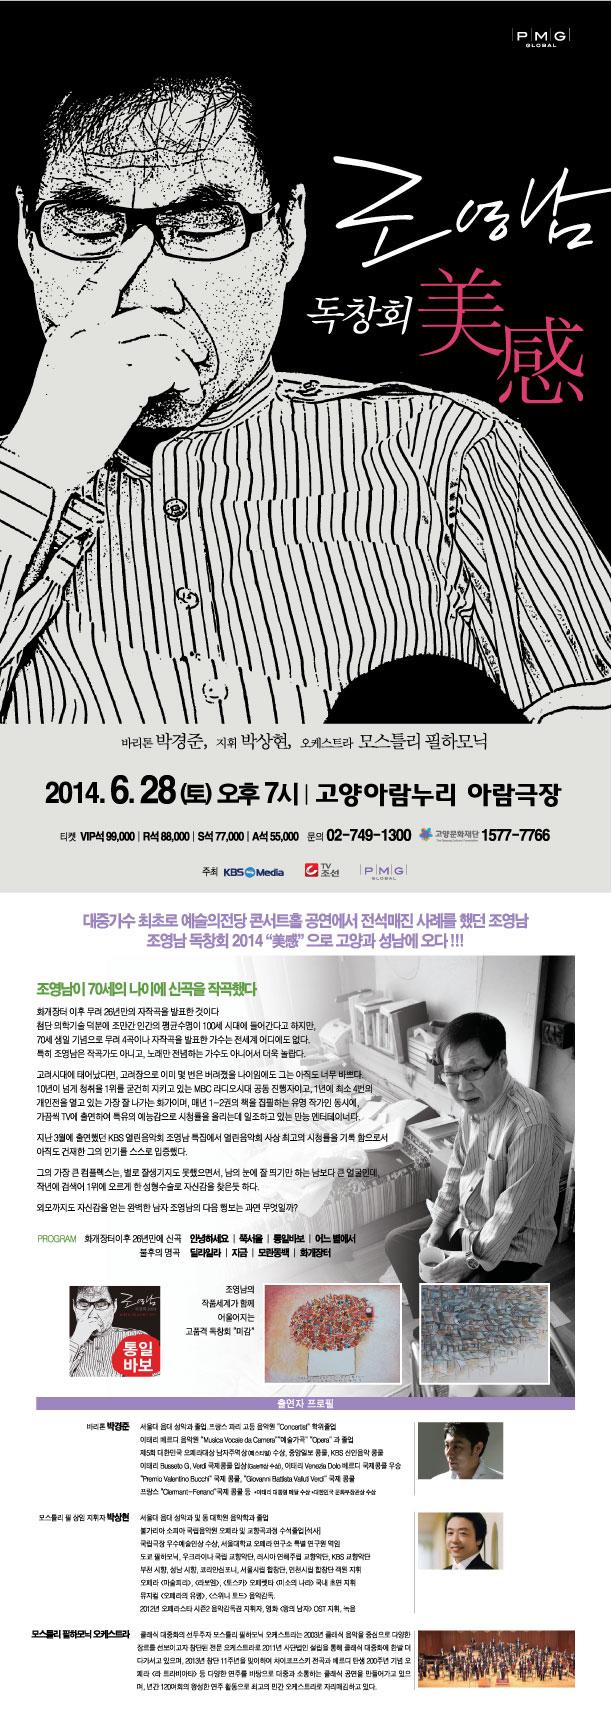 국민가수 조영남이 4인조 팝페라 그룹 Fedora와 함께하는 데뷔 47주년 기념콘서트